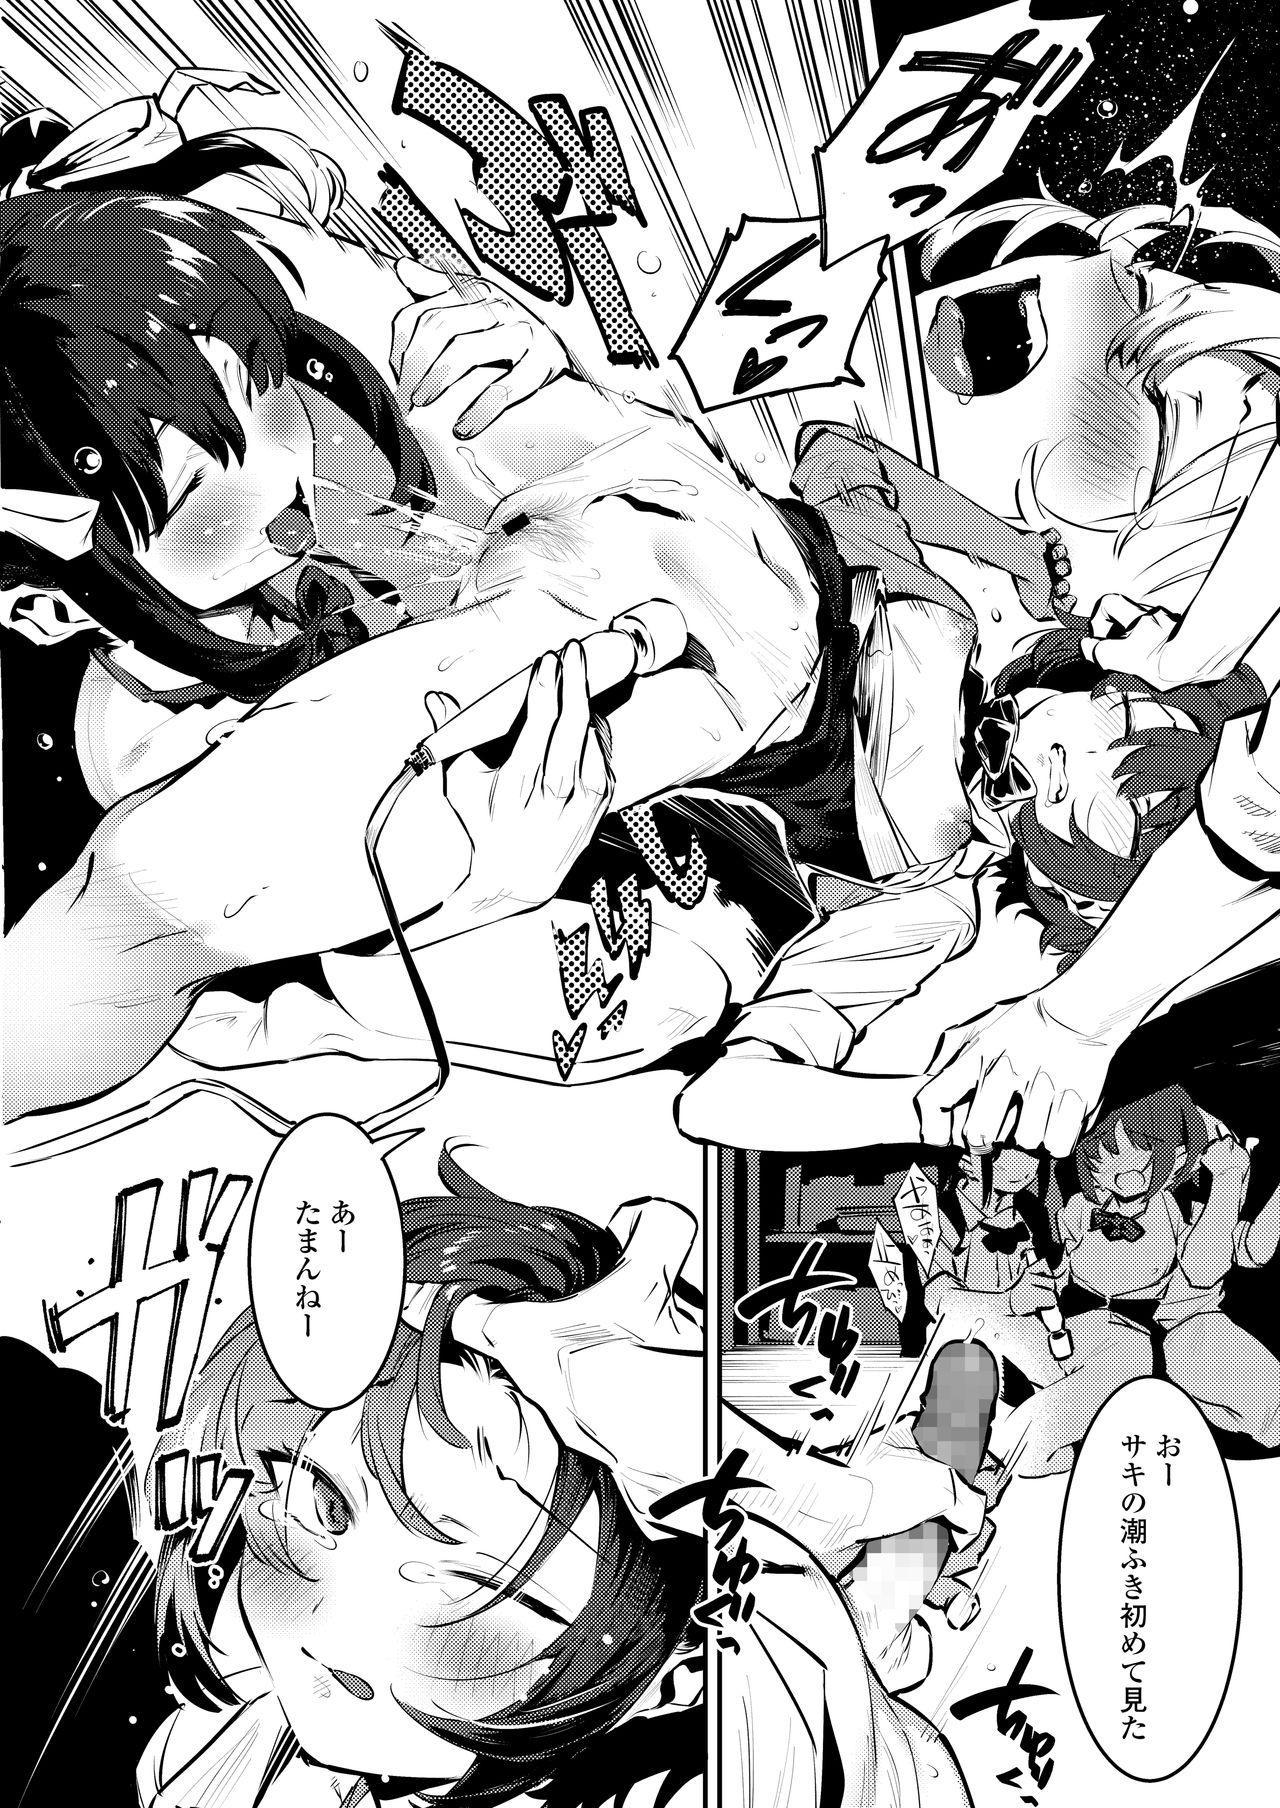 COMIC AOHA 2021 Natsu 223